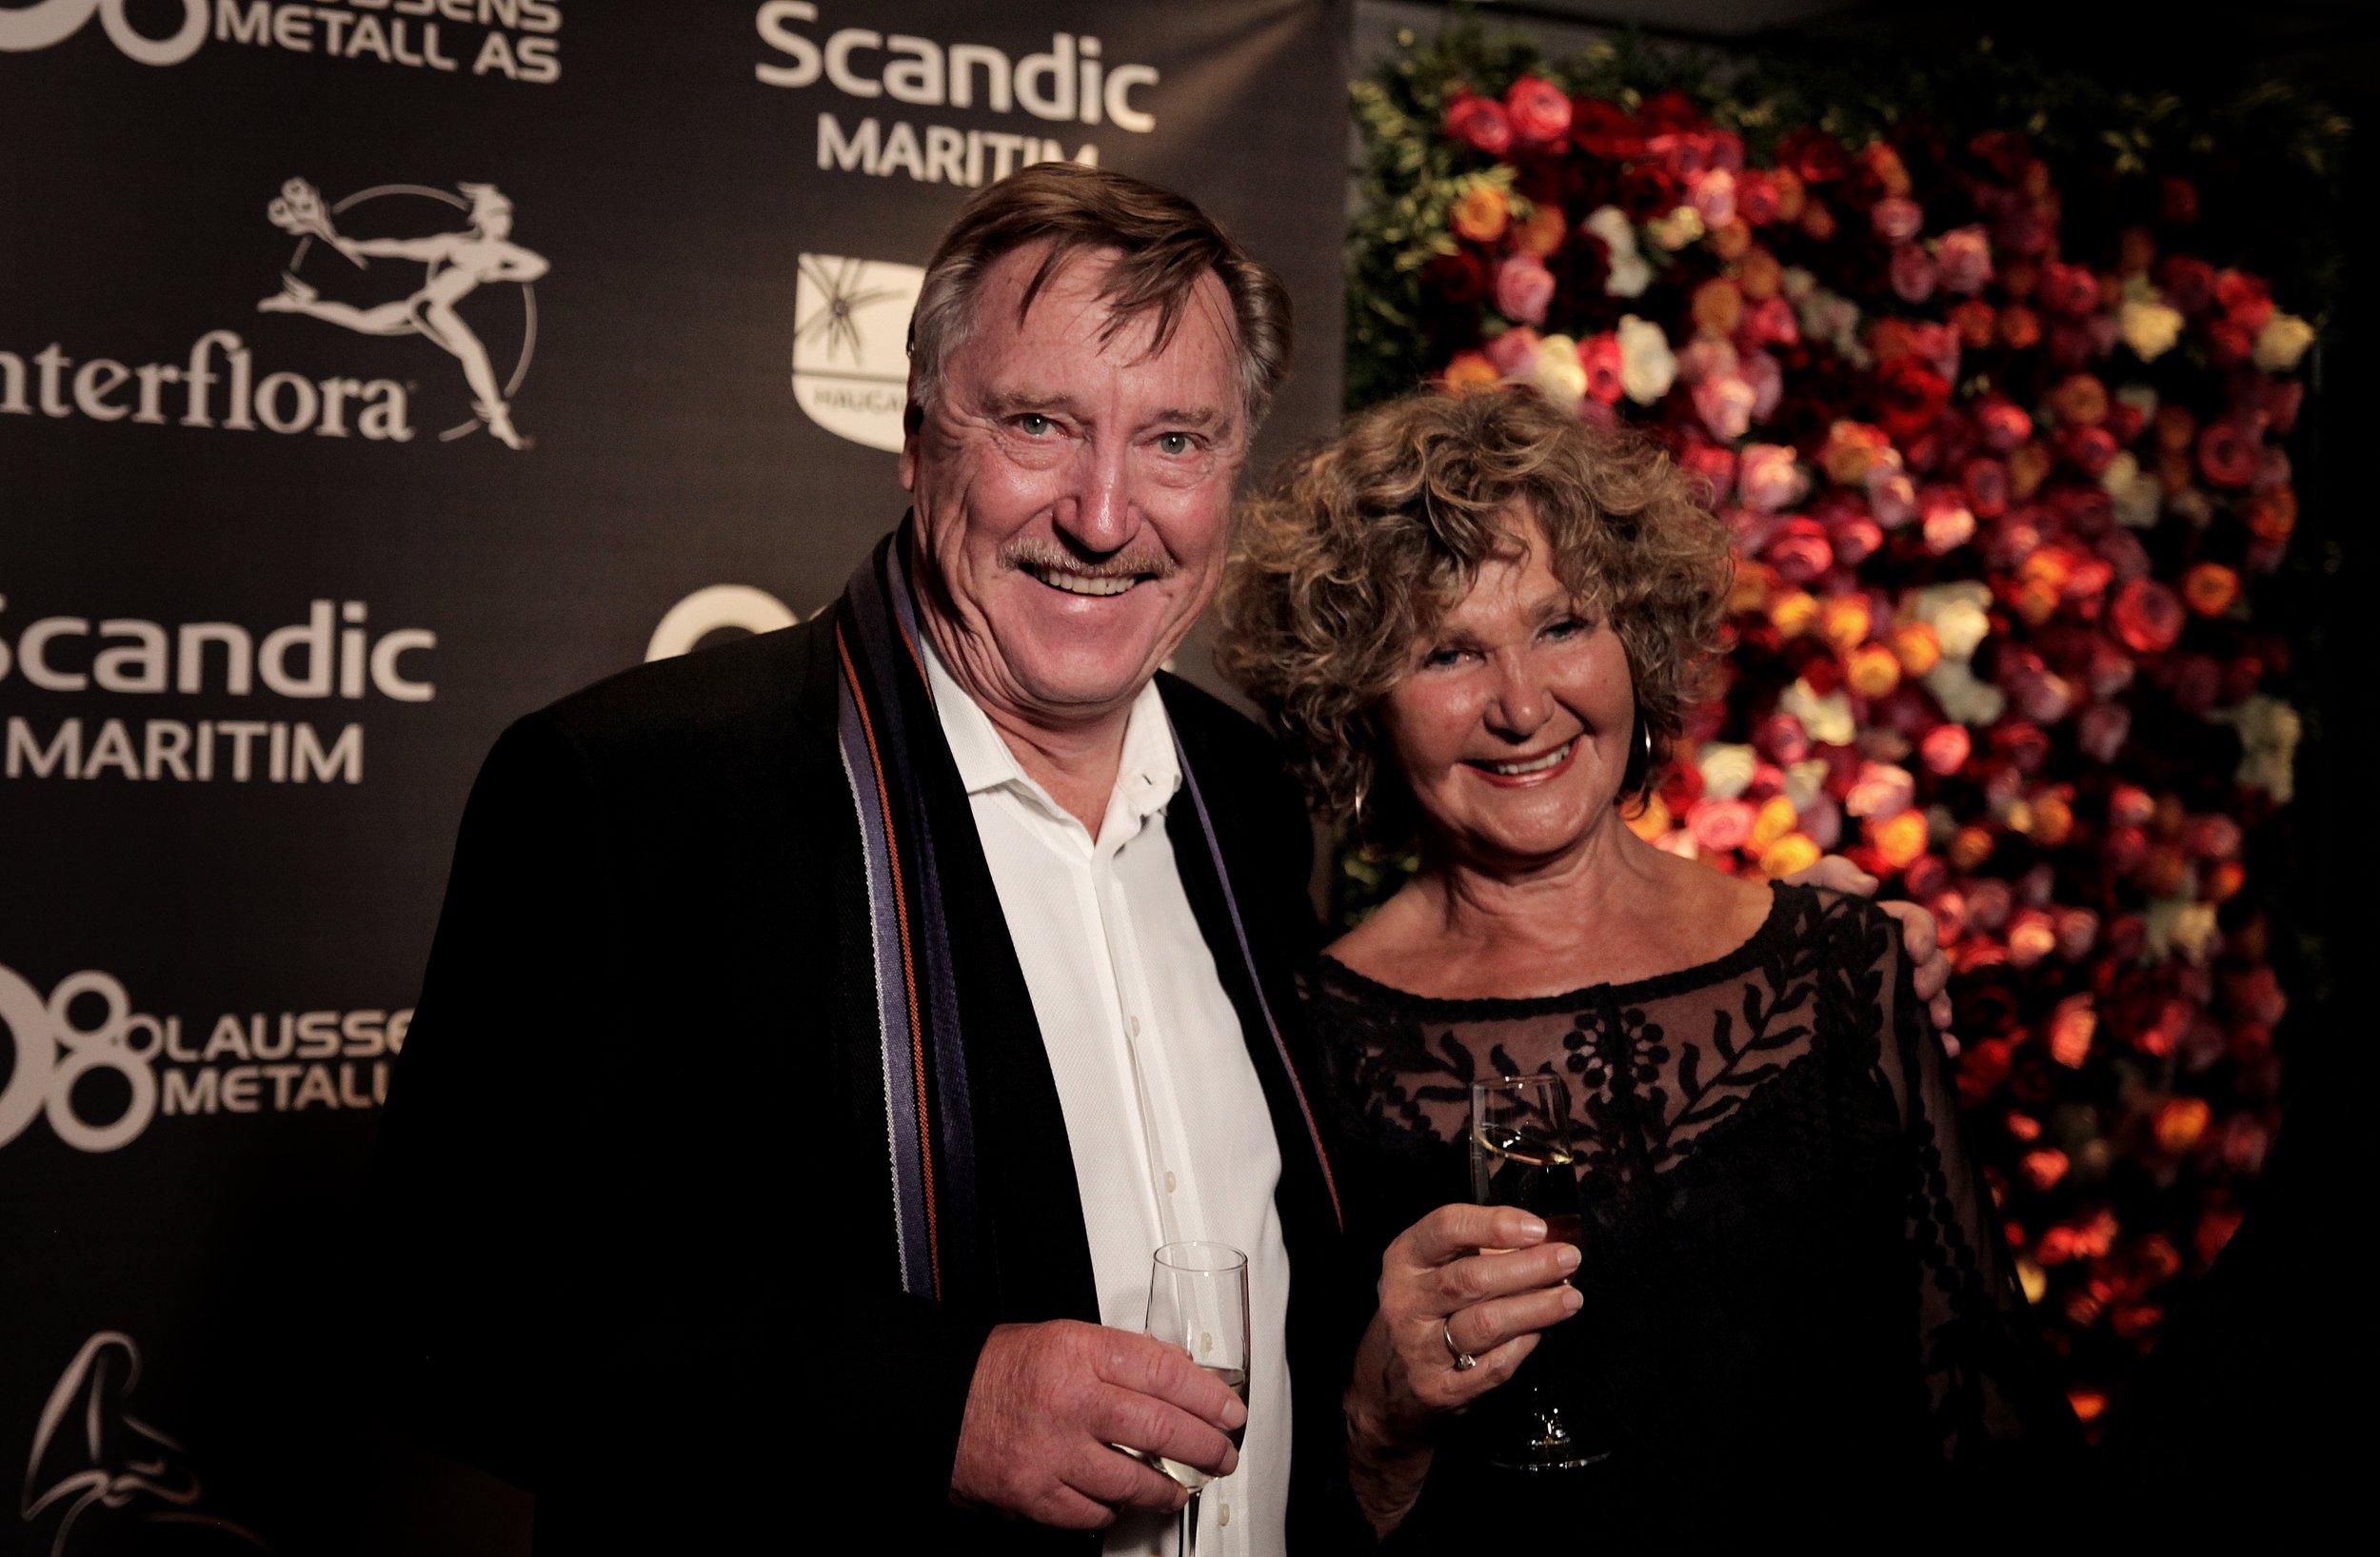 Axel Helgeland og hans kone Live Helgeland før Amanda-prisutdelingen i kveld. Foto: Mode Steinkjer, Dagsavisen.